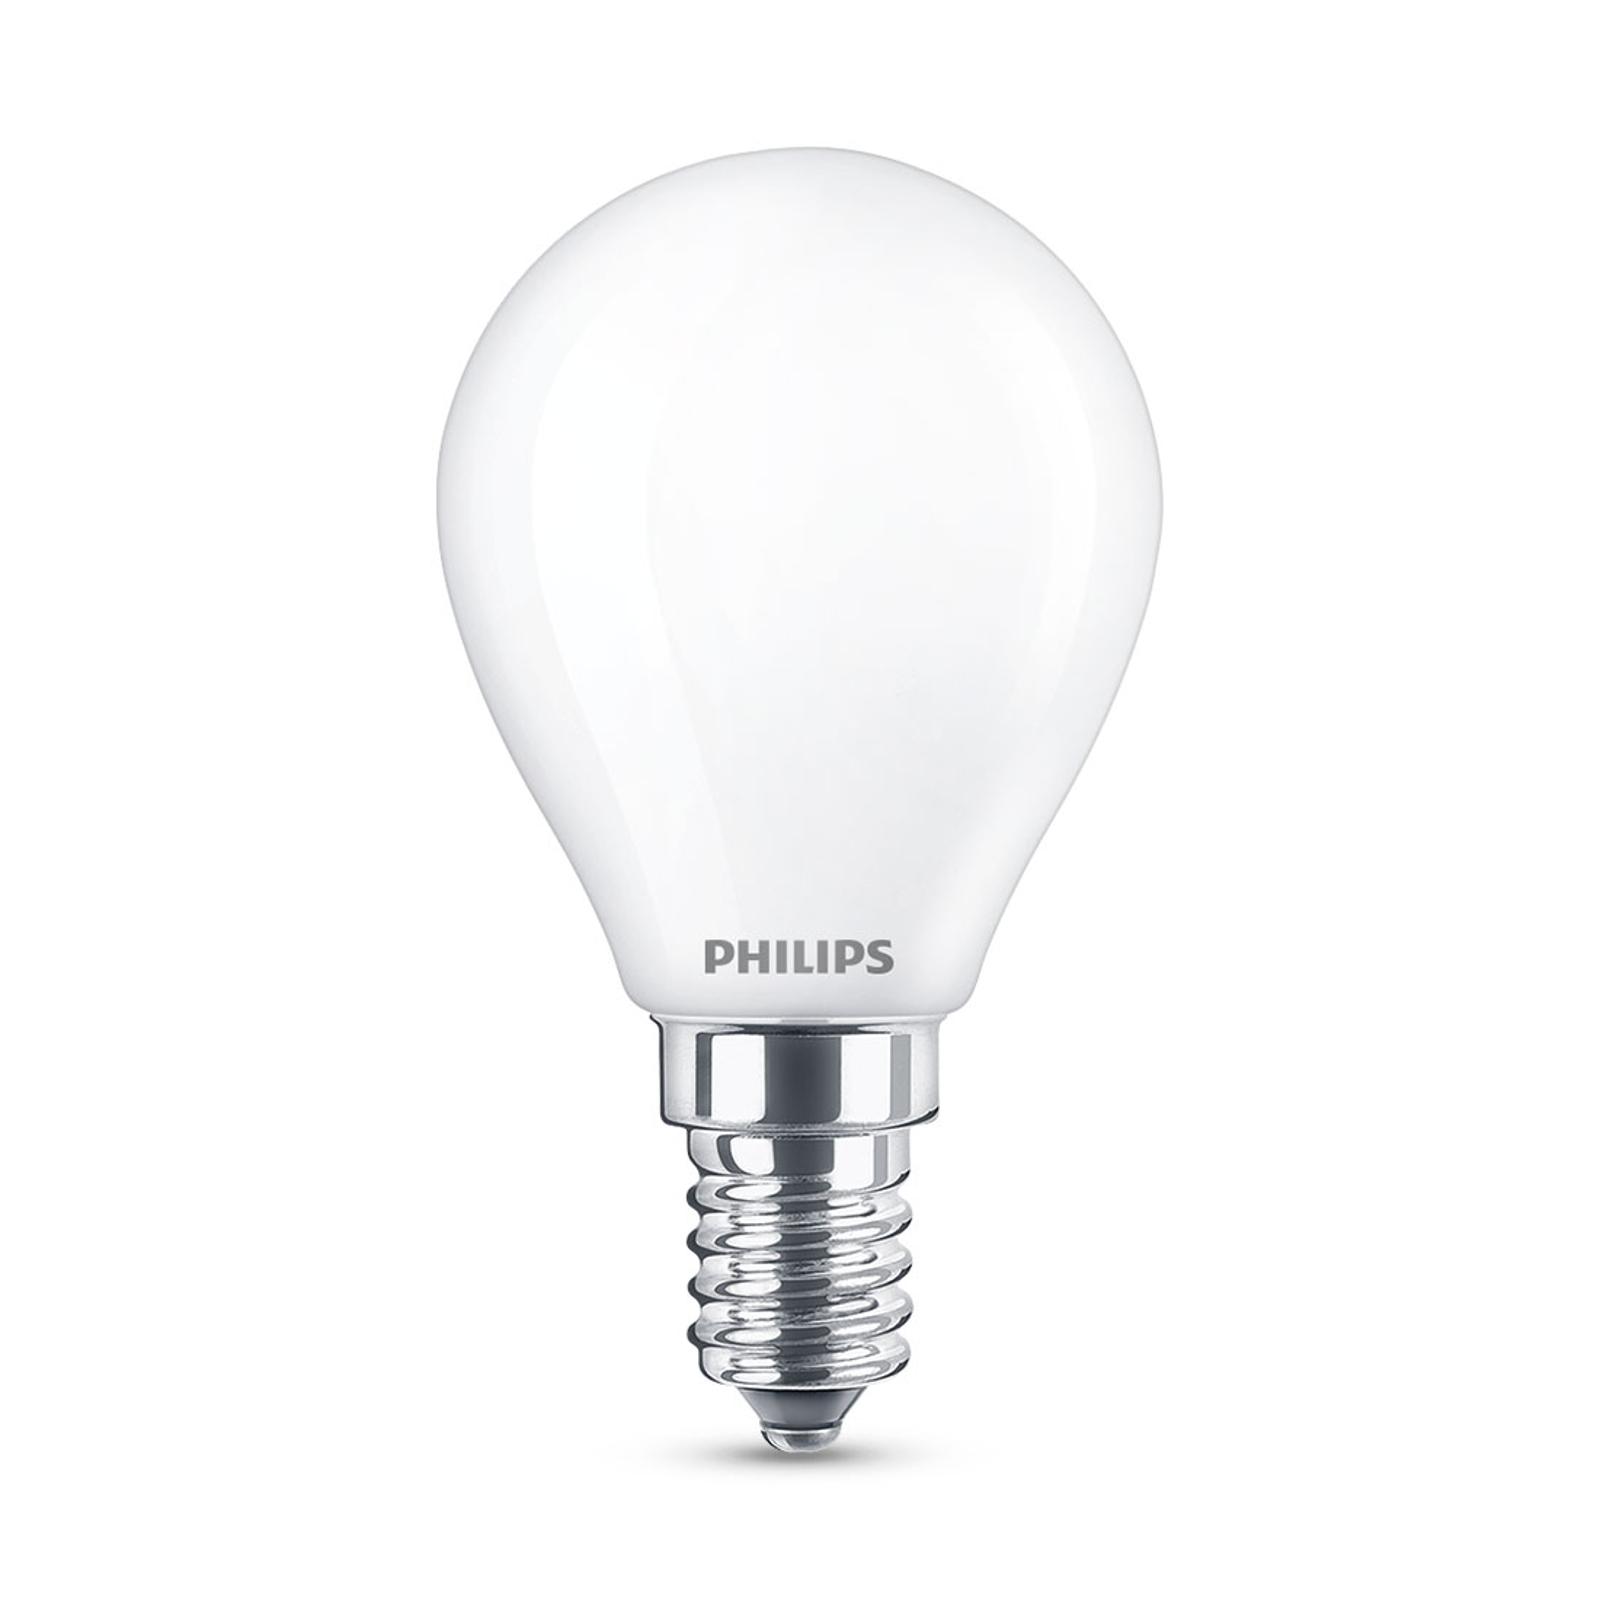 Philips Classic LED-pære E14 P45 6,5W matt 4000K